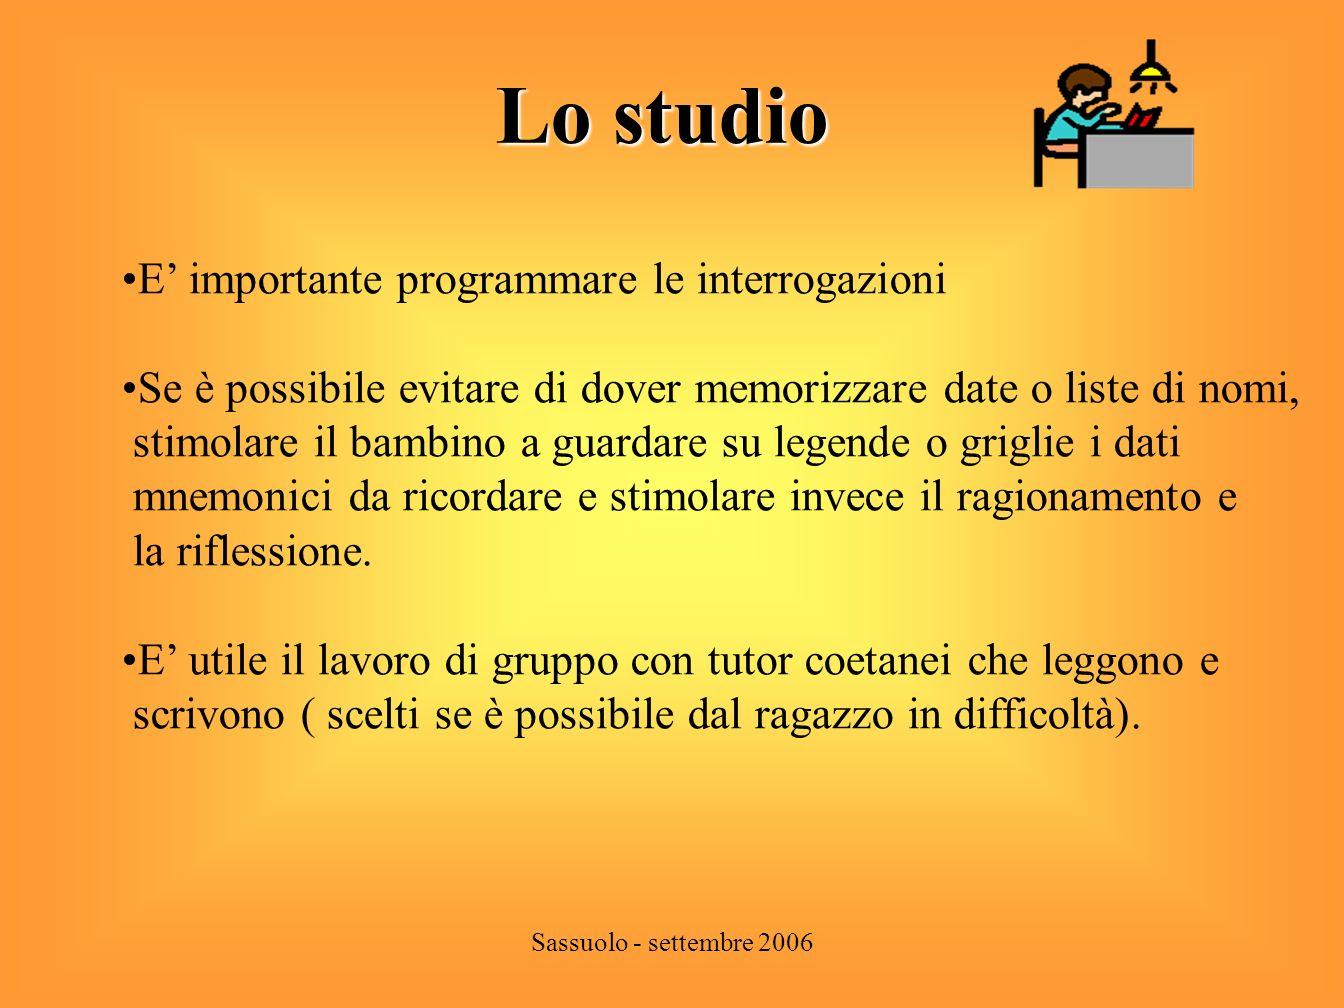 Sassuolo - settembre 2006